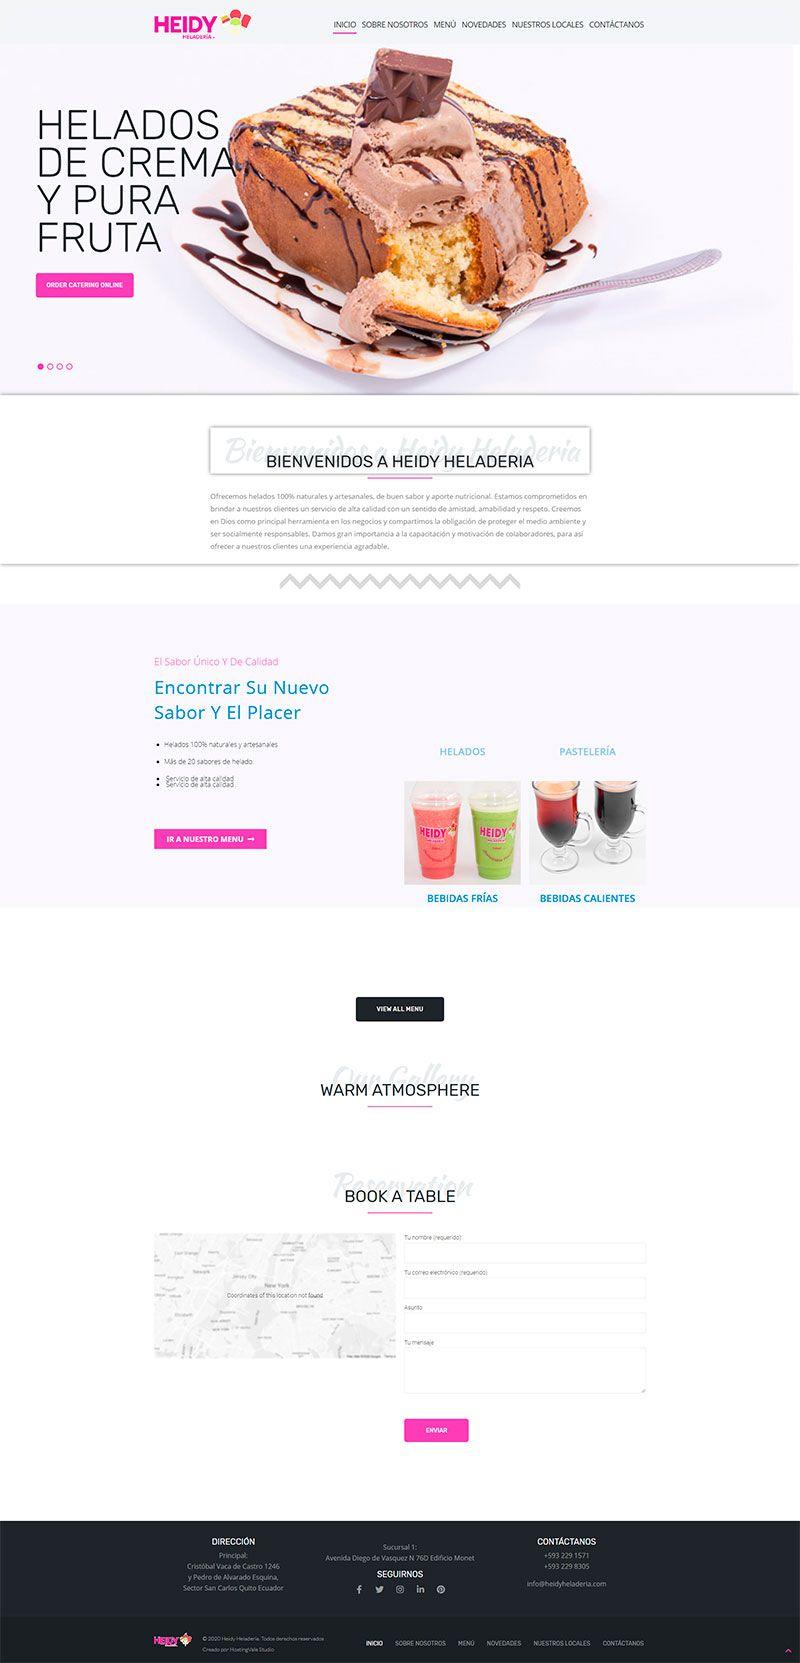 Heidy-Heladeria-Los-mejores-helados-artesanales.jpg